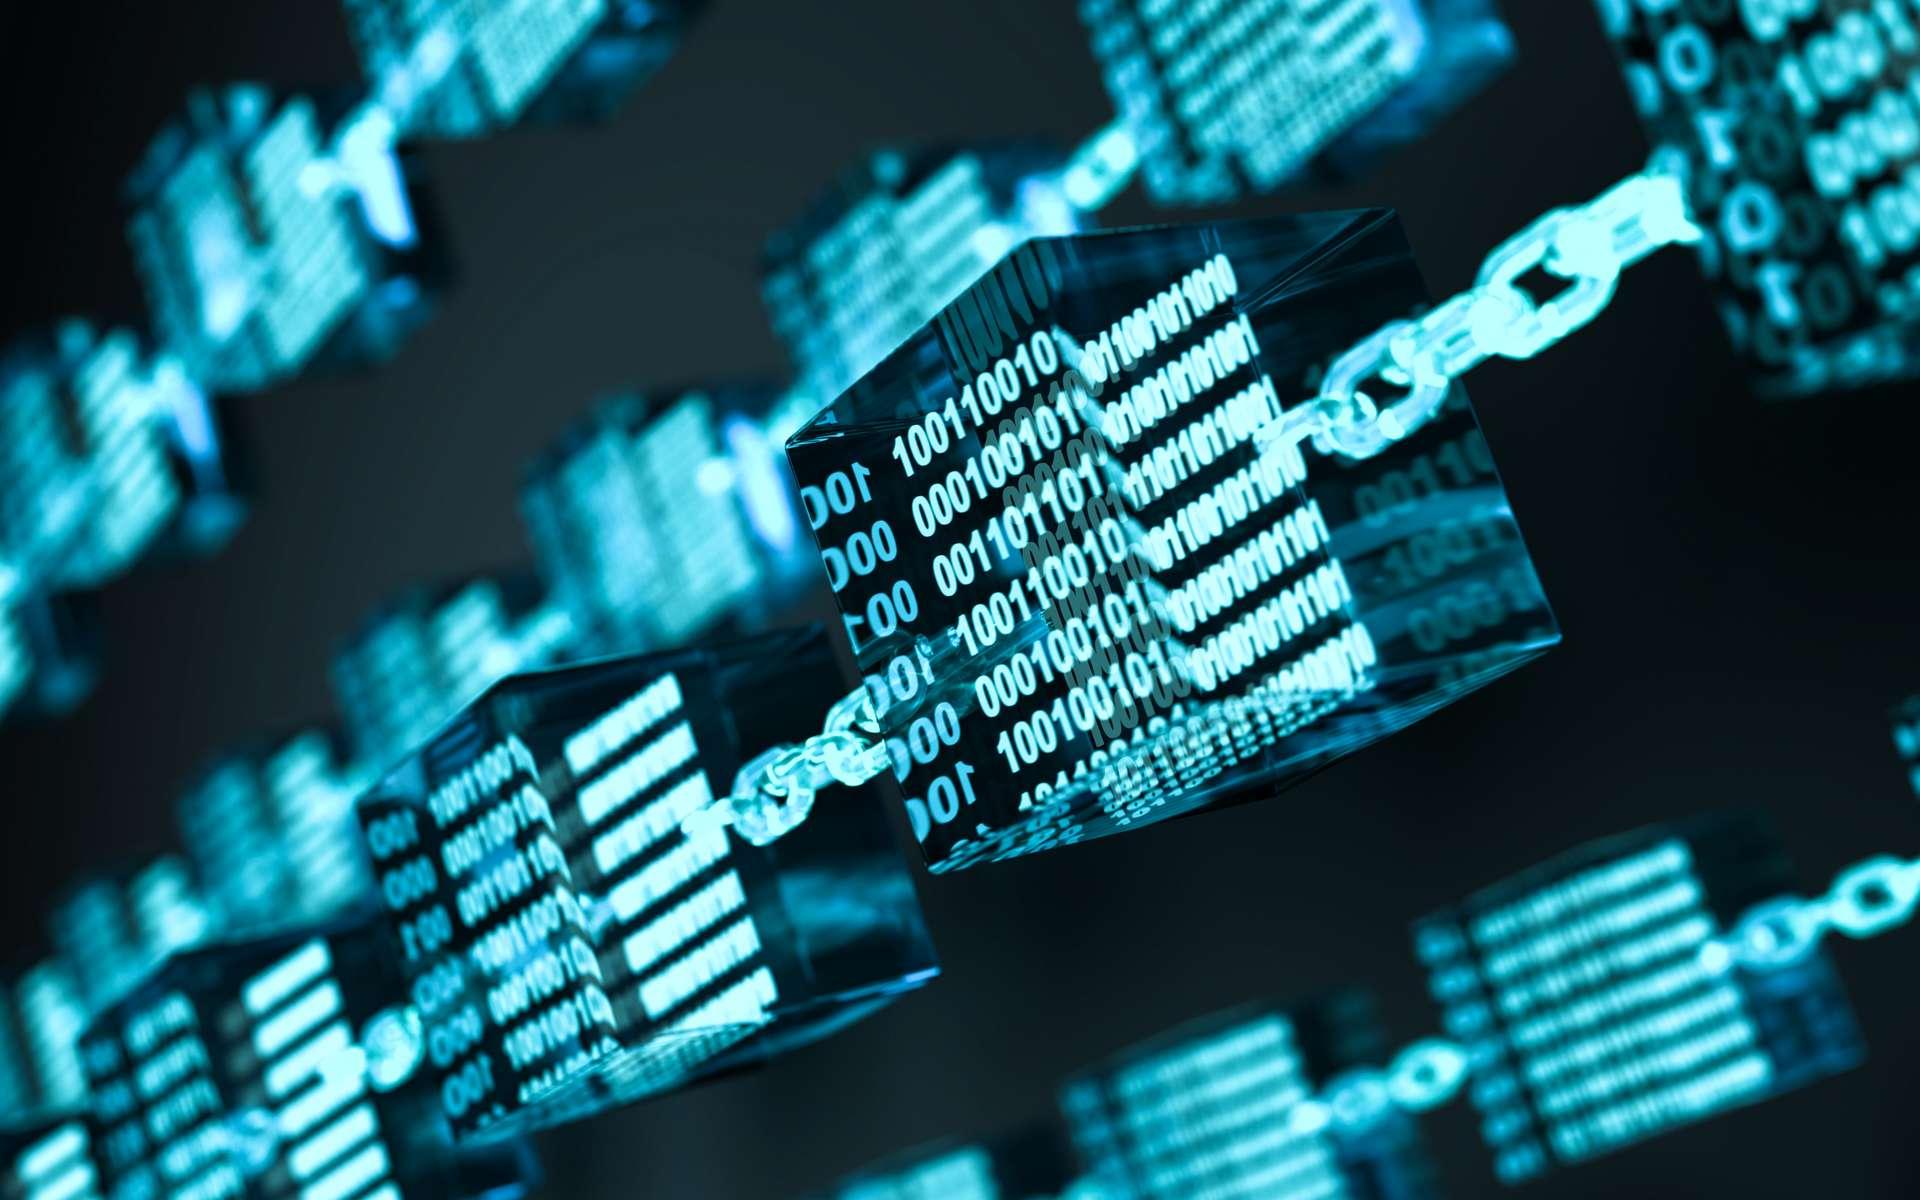 La création de cryptomonnaie et la gestion de la blockchain demandent énormément de ressources. © fotomek, Adobe Stock